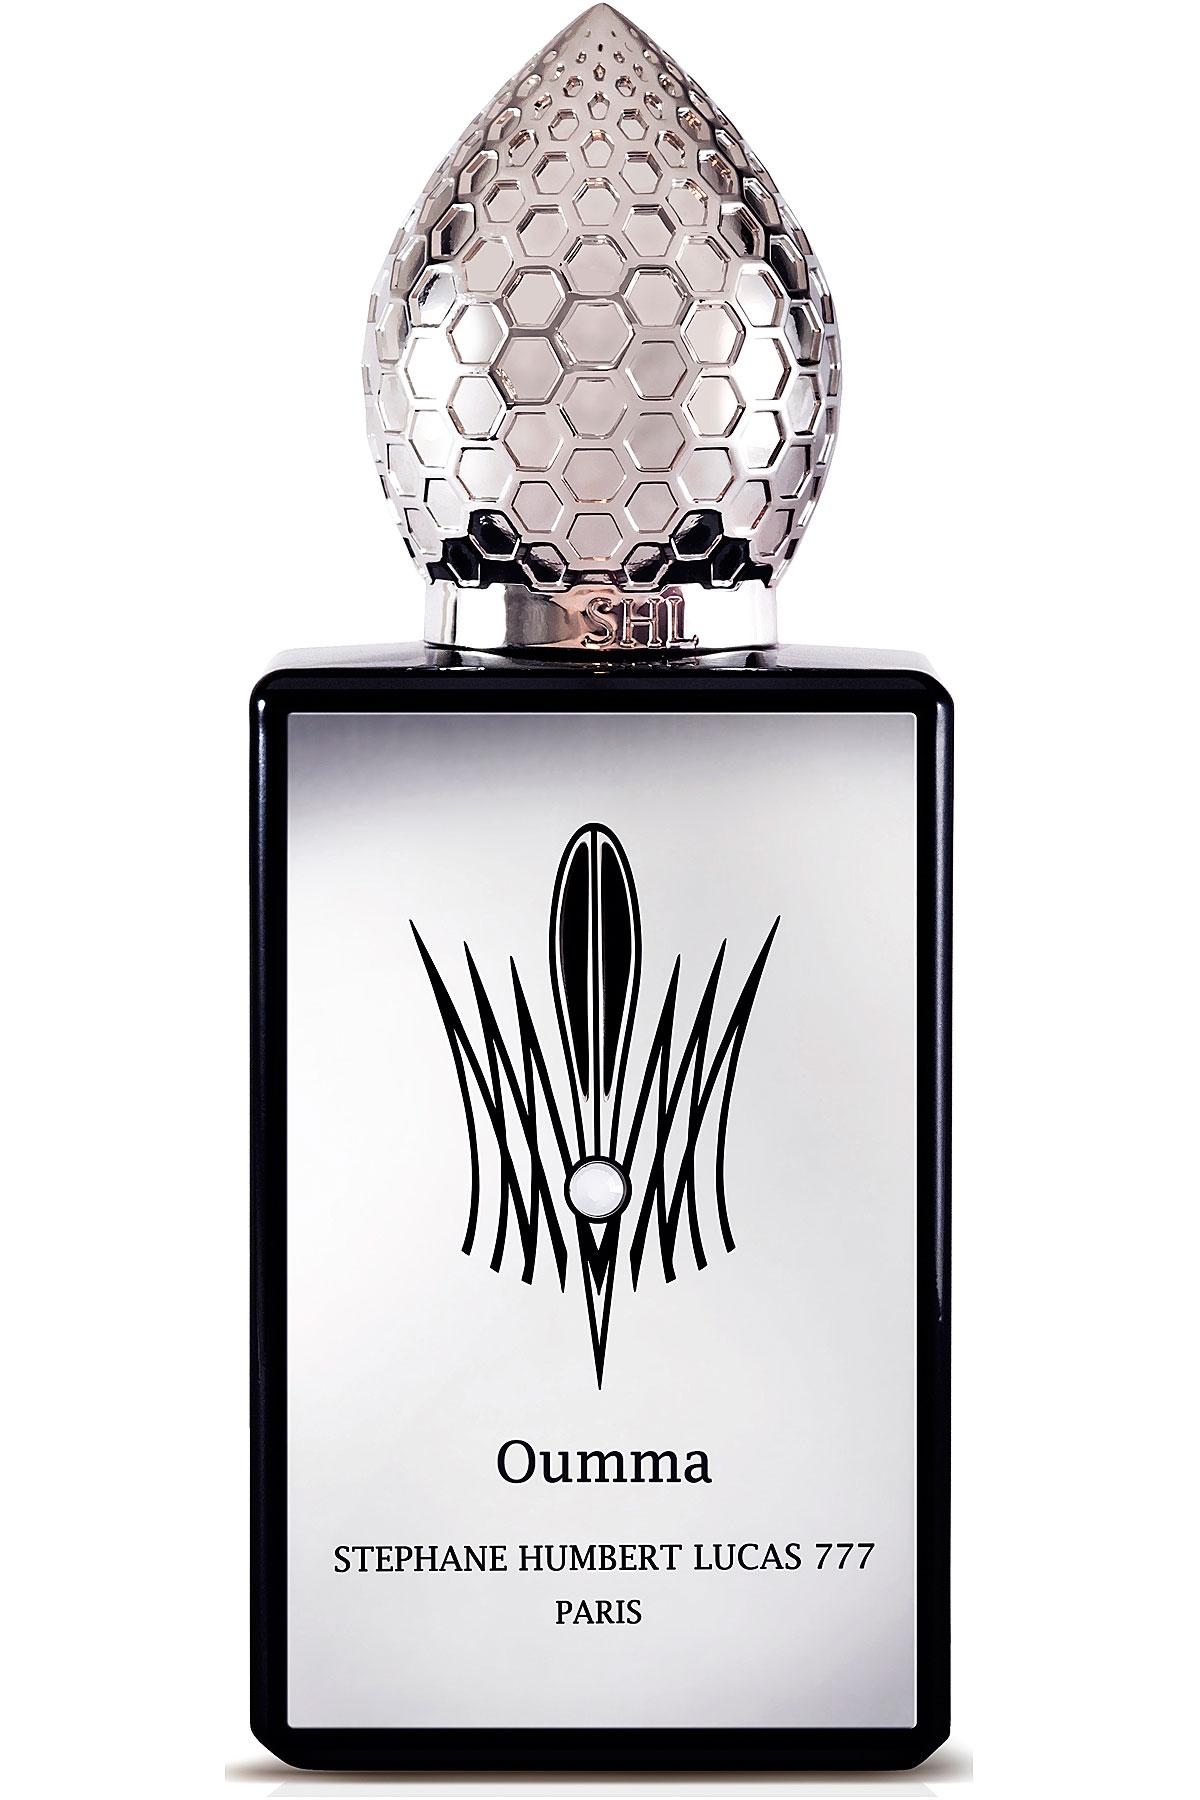 Stephane Humbert Lucas 777 Paris Fragrances for Men, Oumma - Eau De Parfum - 50 Ml, 2019, 50 ml